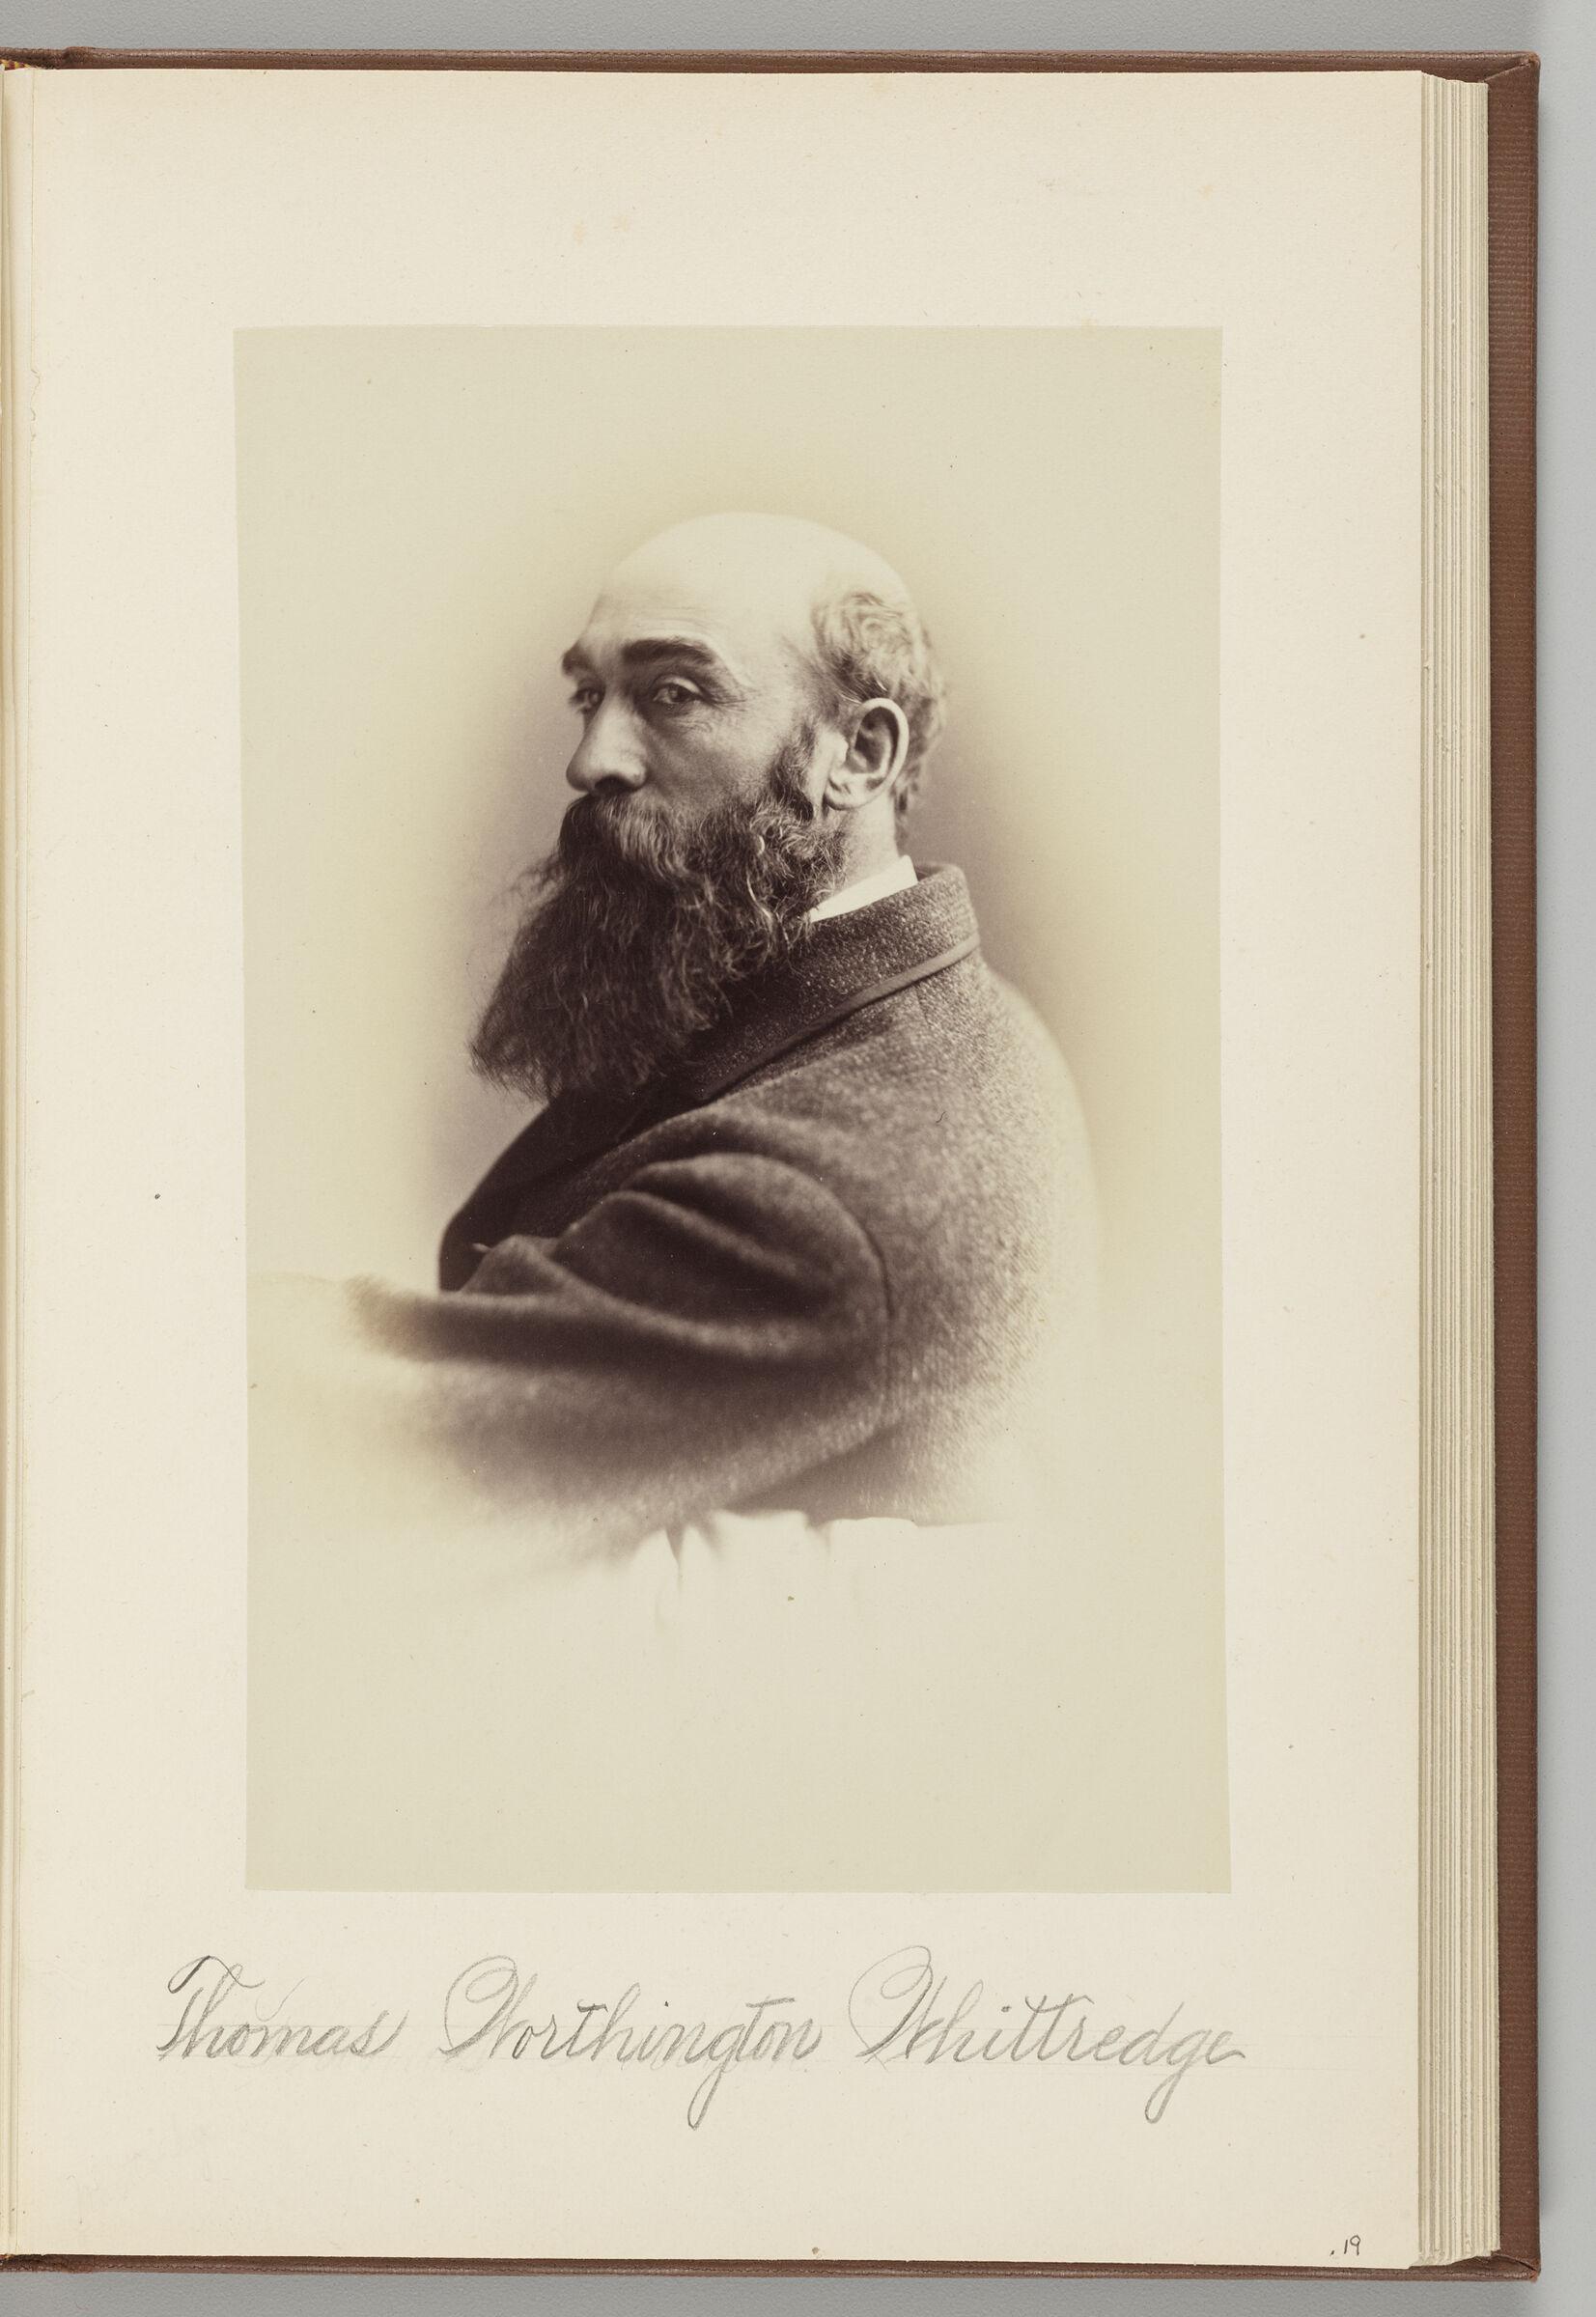 Thomas Worthington Whittredge (1820-1910)